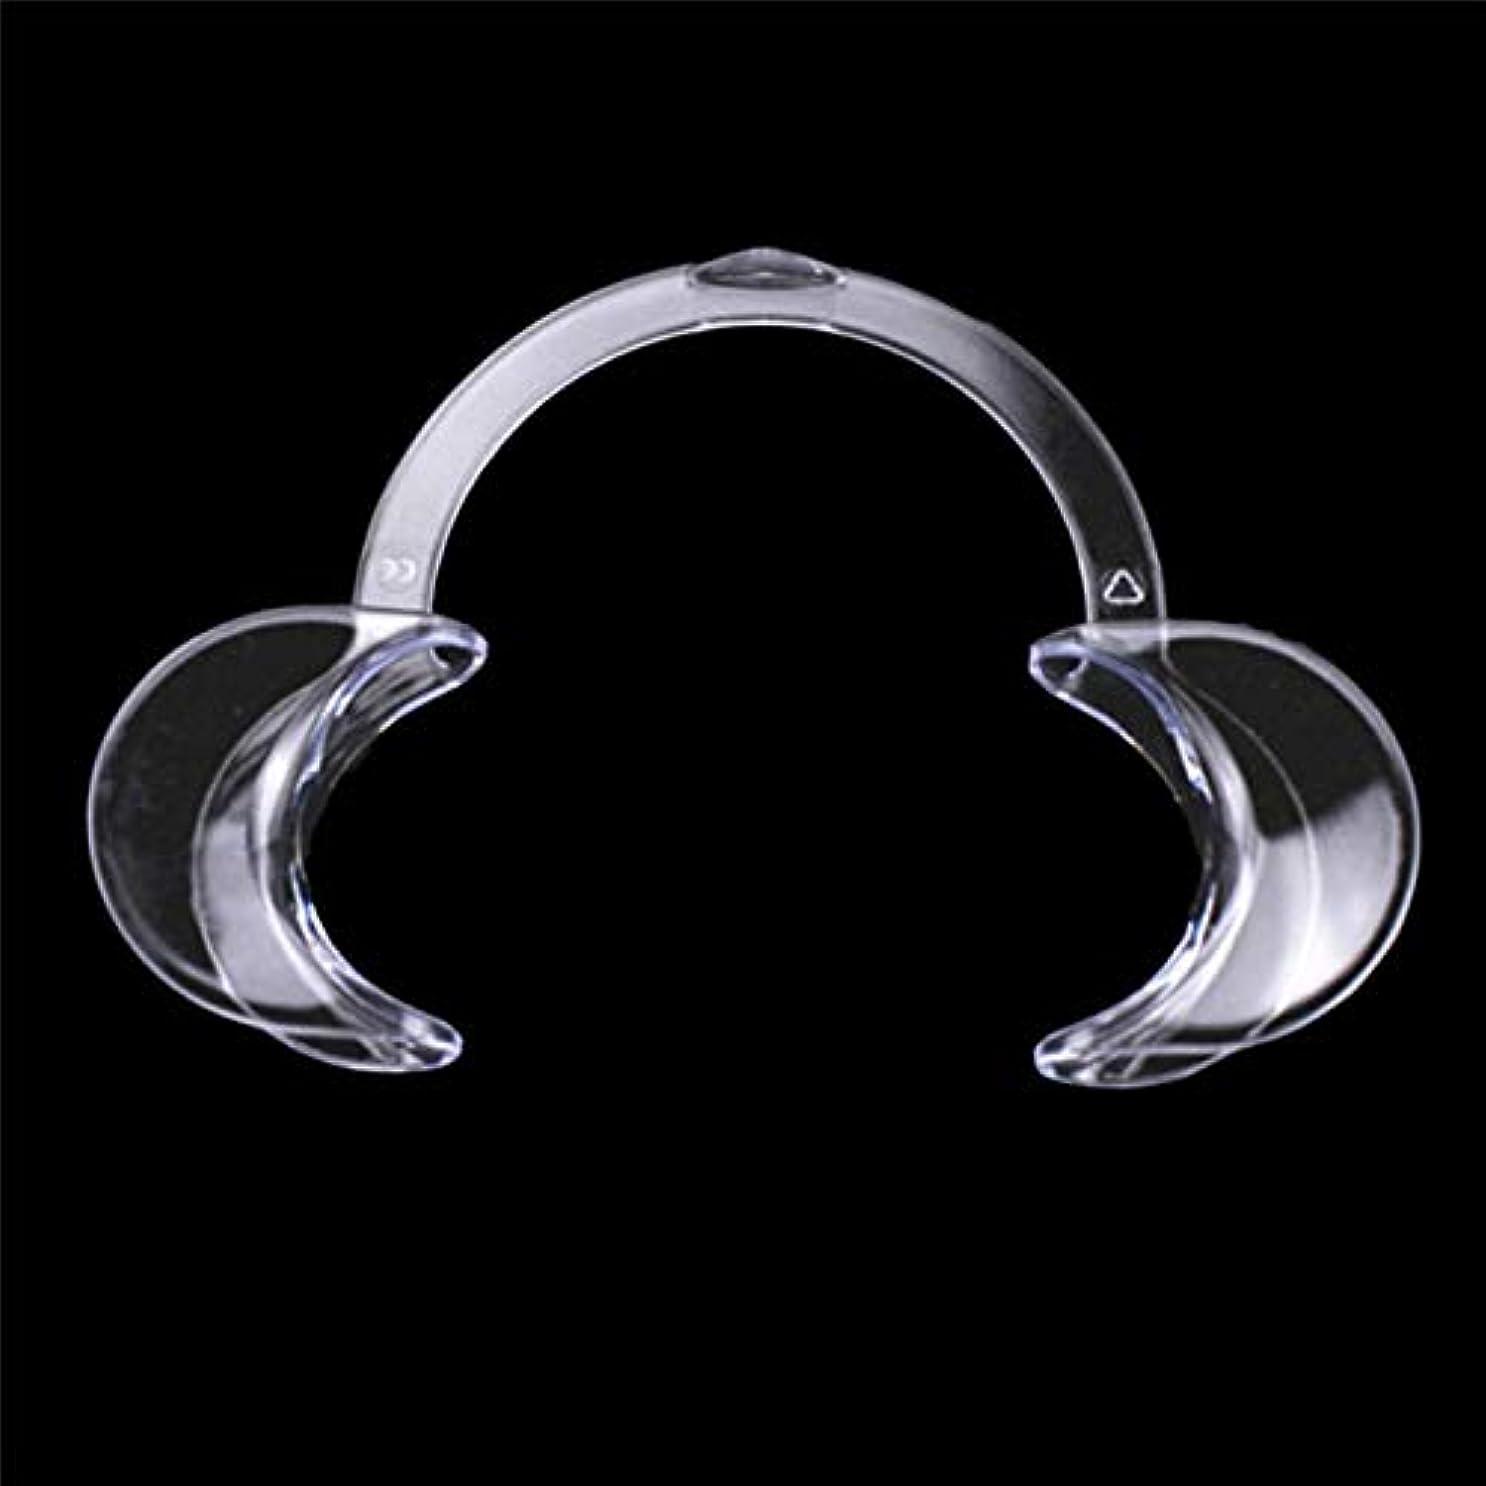 帰する寓話食べるDC パック 歯科 C型 開口器 口オープナー マウスオープナー 開口マウスオープナー C型ホワイトニング口の開創器